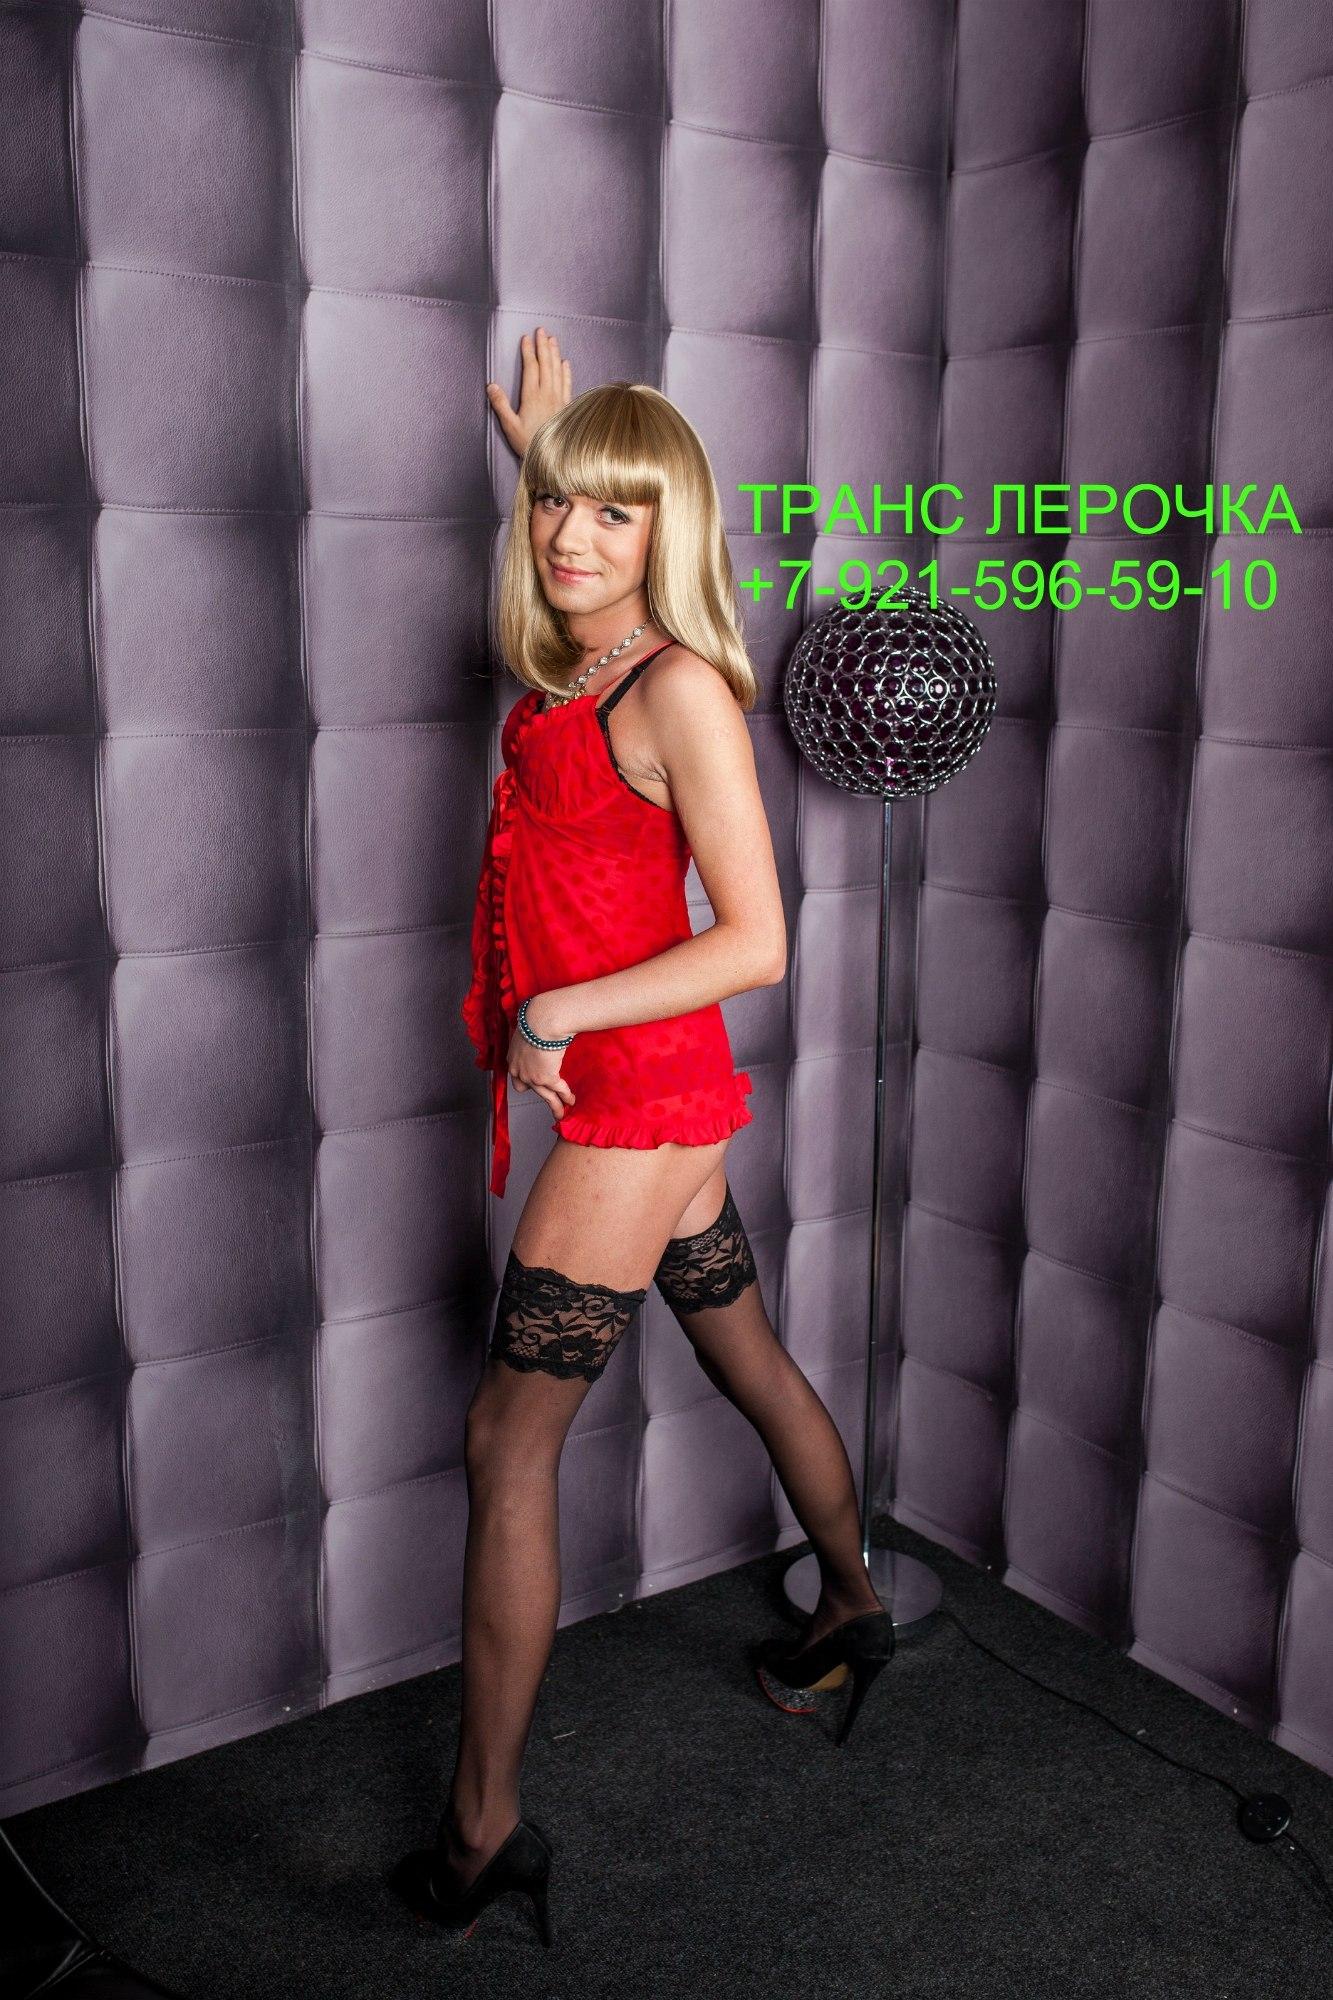 Секс транс спб 21 фотография